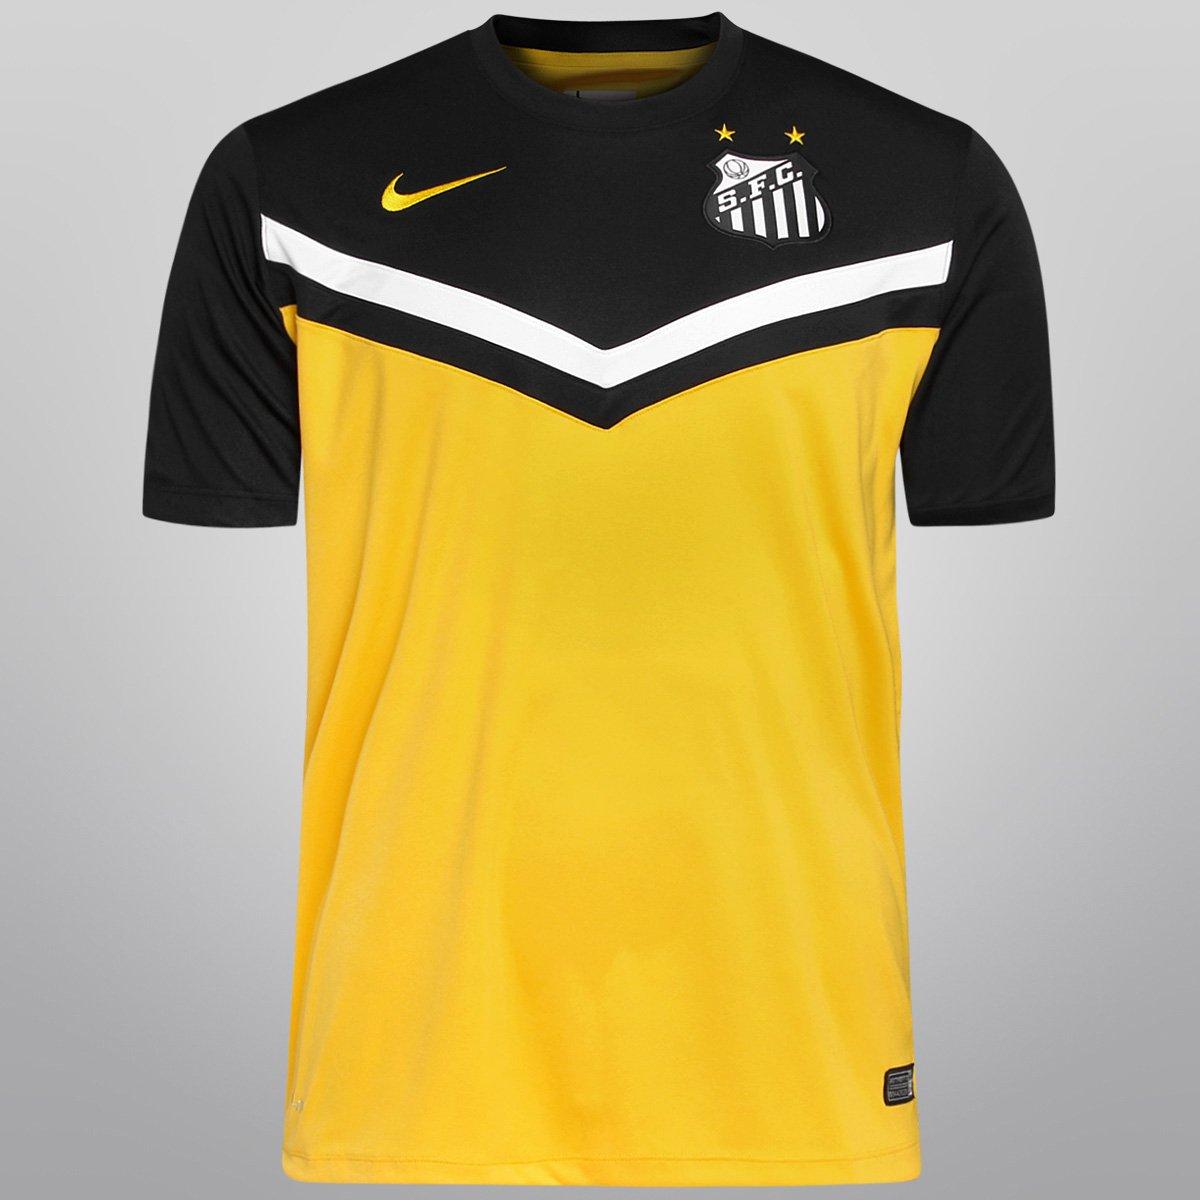 ed91a647de19c Camisa Nike Santos III 2014 s nº - Compre Agora